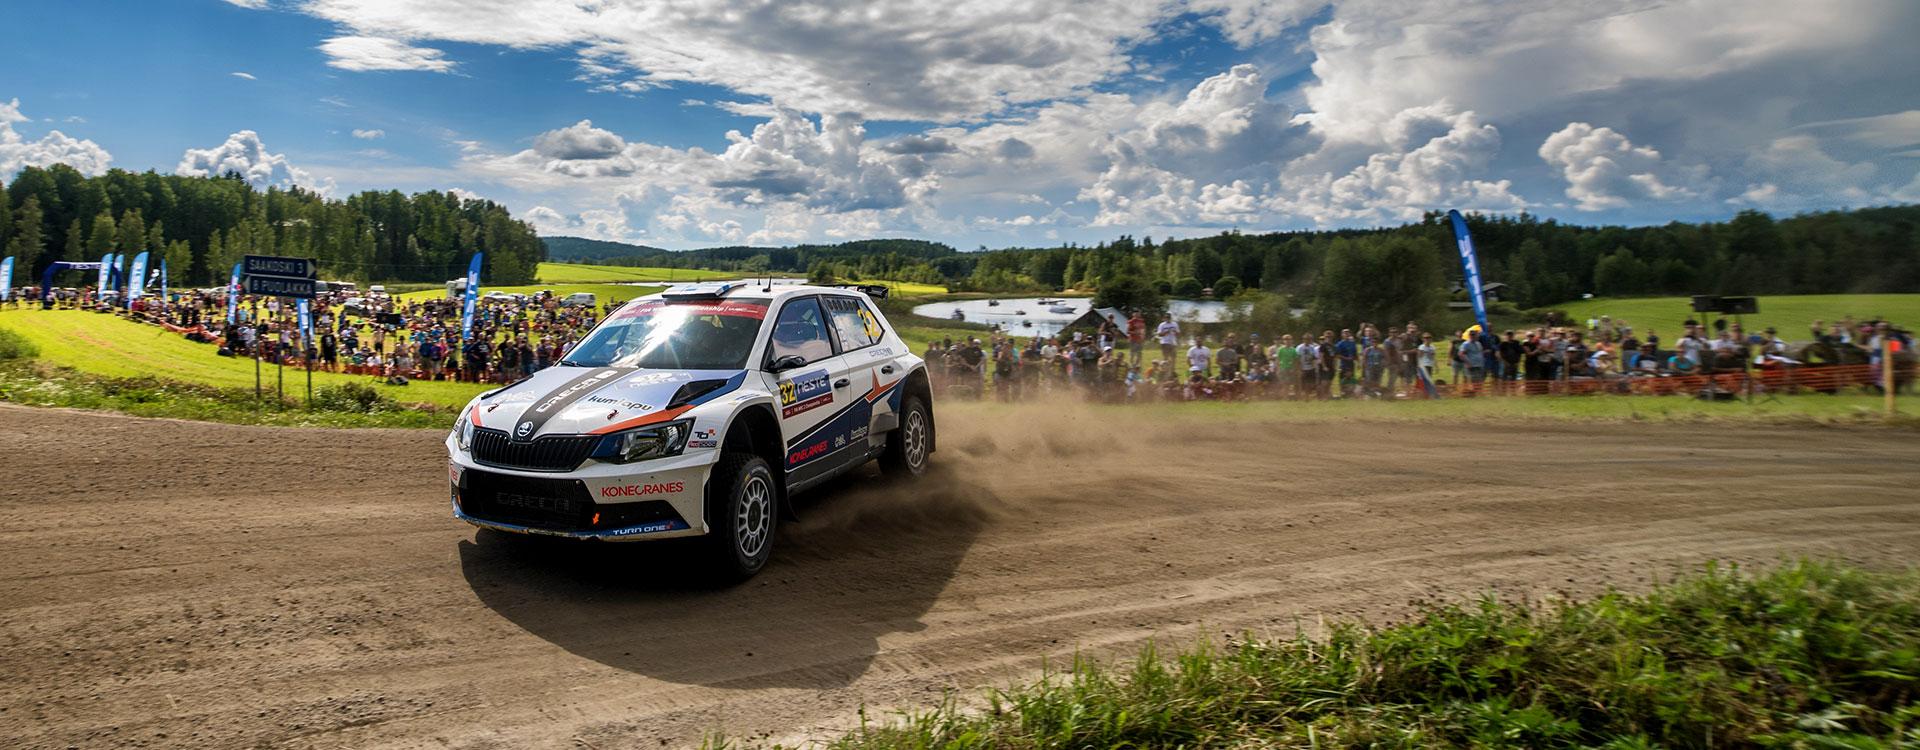 WRC Finsko: Teemu Suninen se přiblížil vedoucímu muži šampionátu